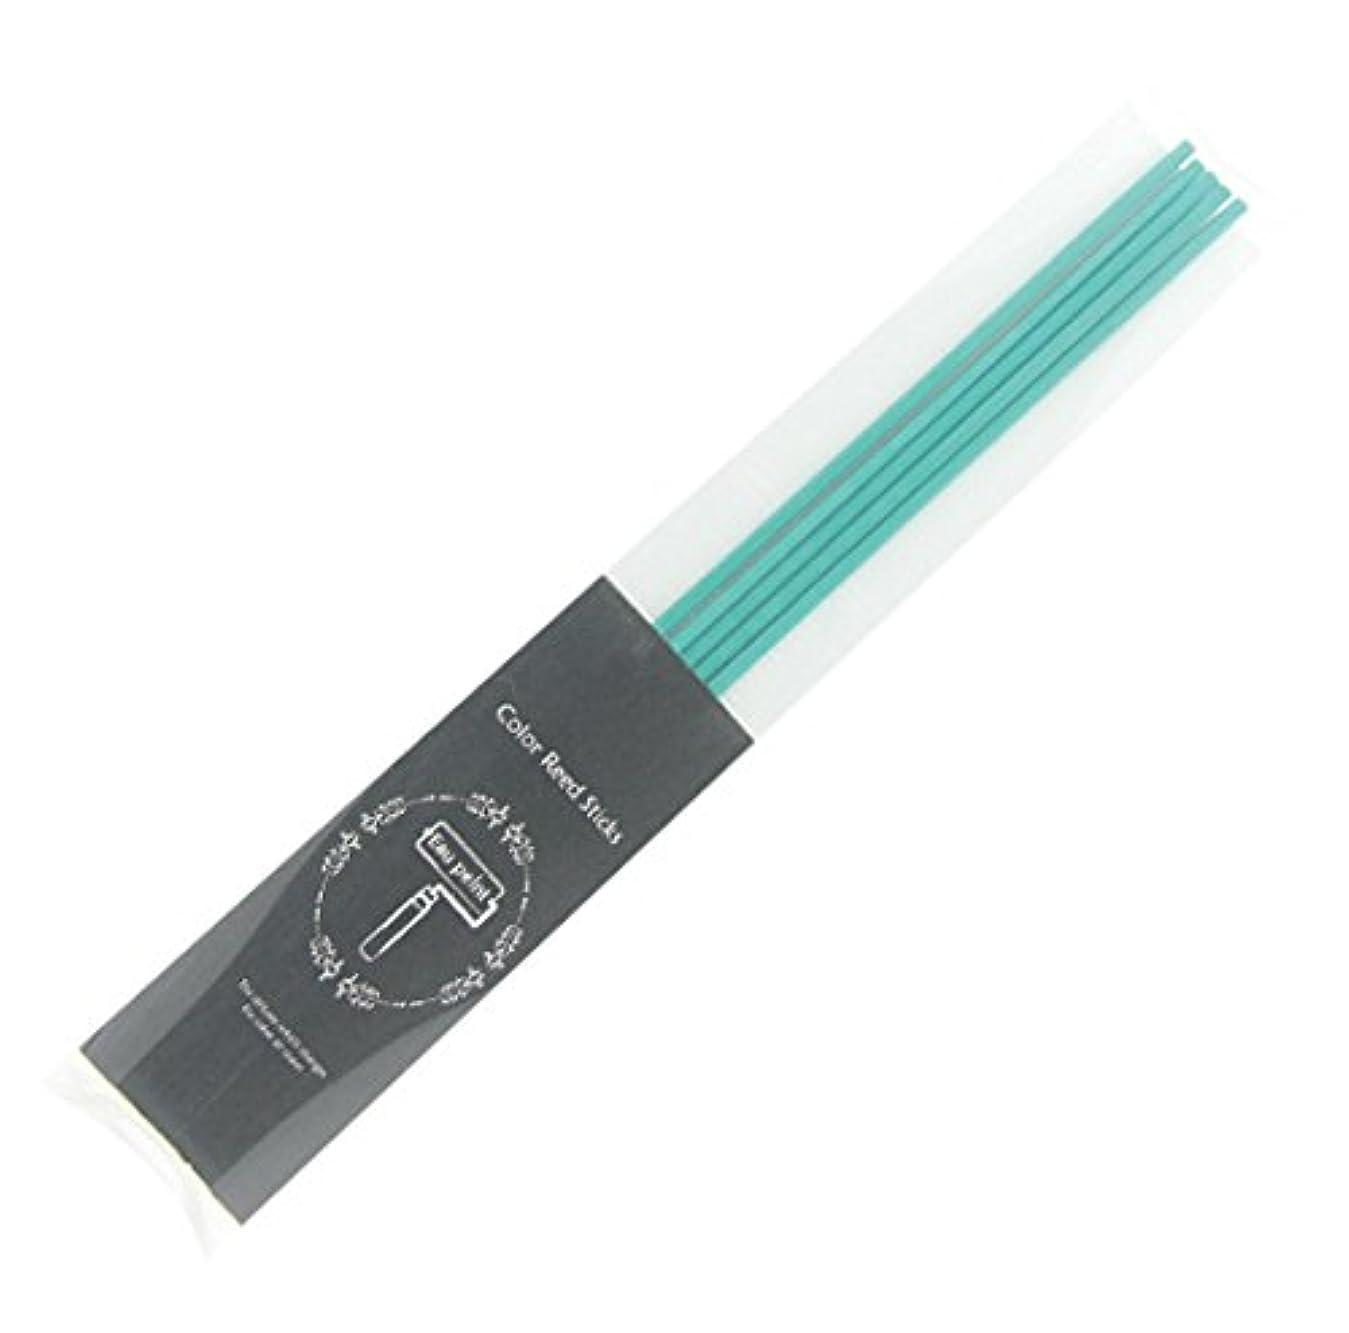 証拠理解感嘆Eau peint mais+ カラースティック リードディフューザー用スティック 5本入 ターコイズ Turquoise オーペイント マイス